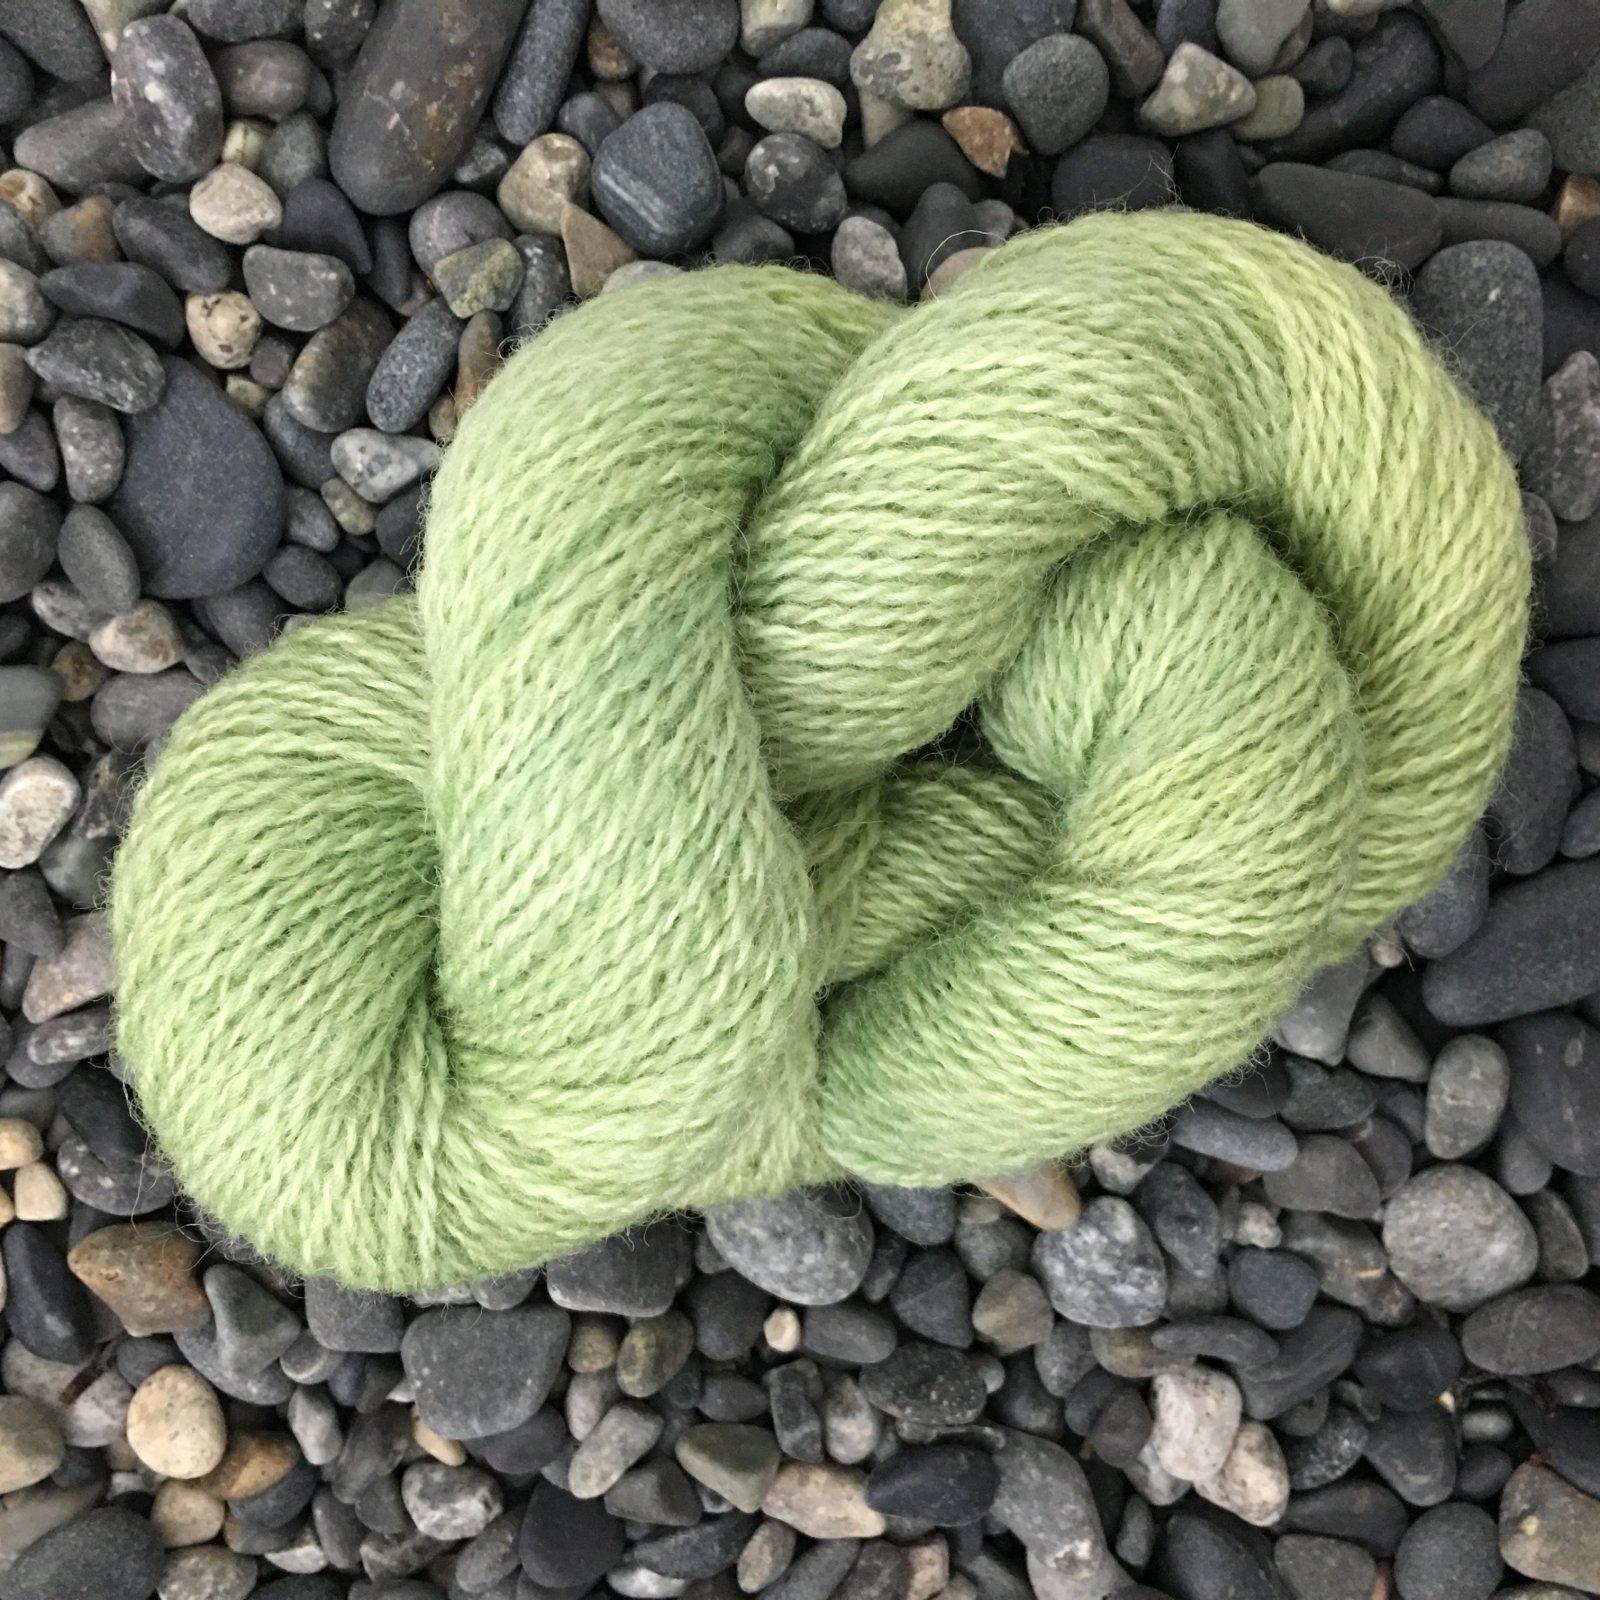 Nash Island TIDE Yarn - Urchin